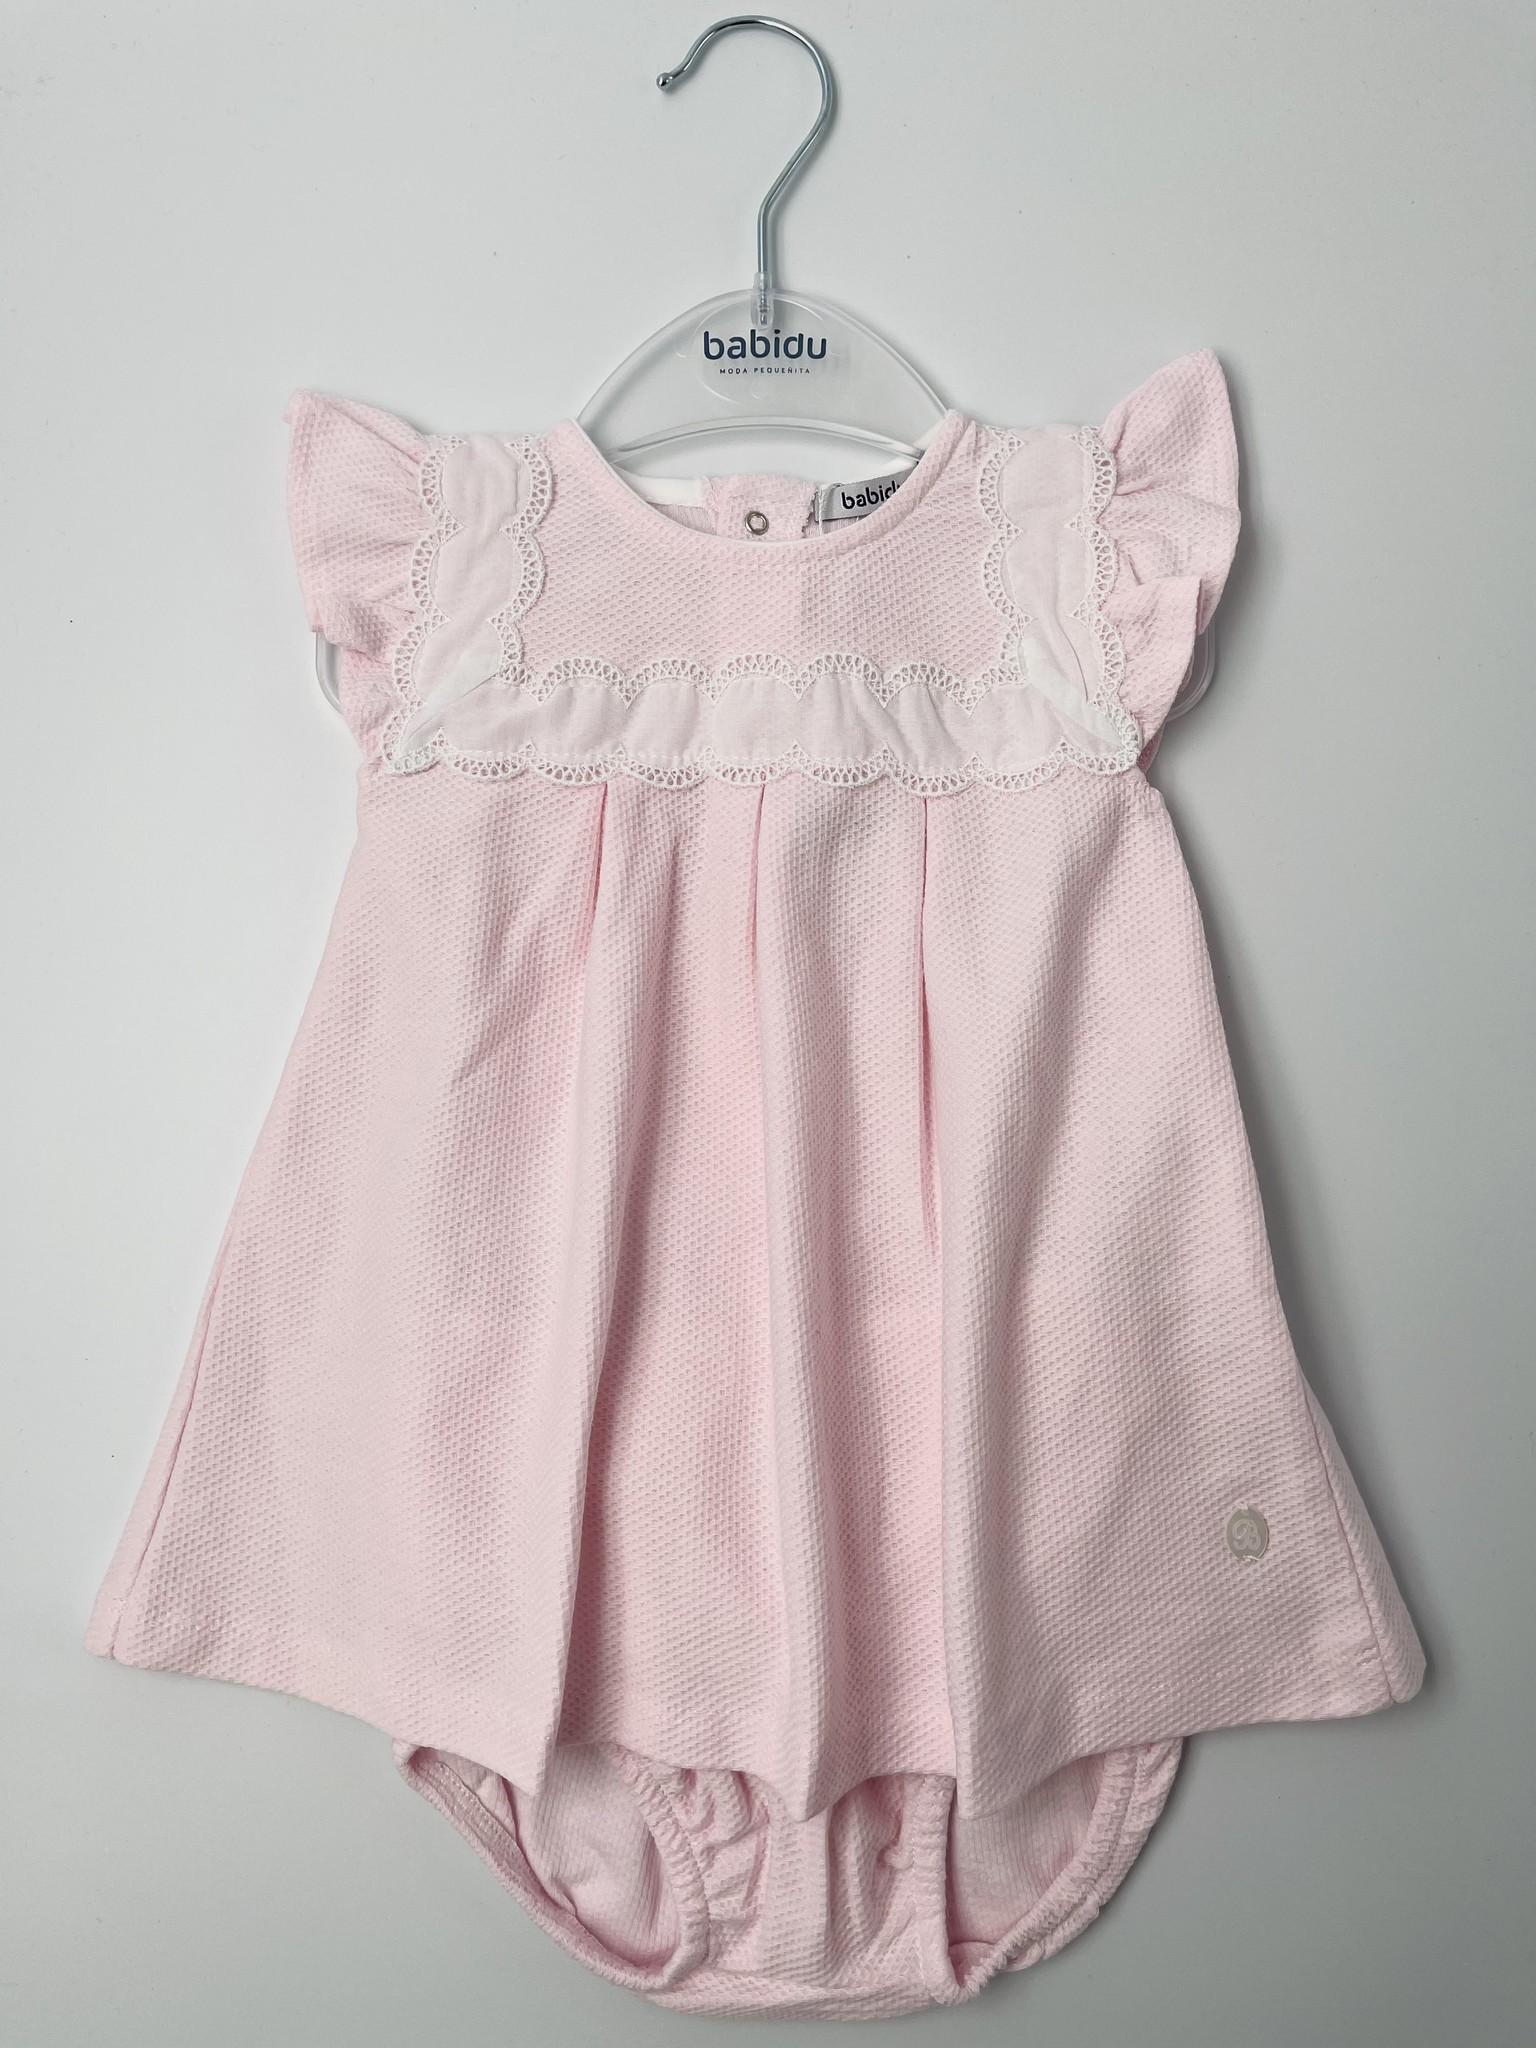 Babidu Babidu Pink Embroidered Dress 44340 SS21